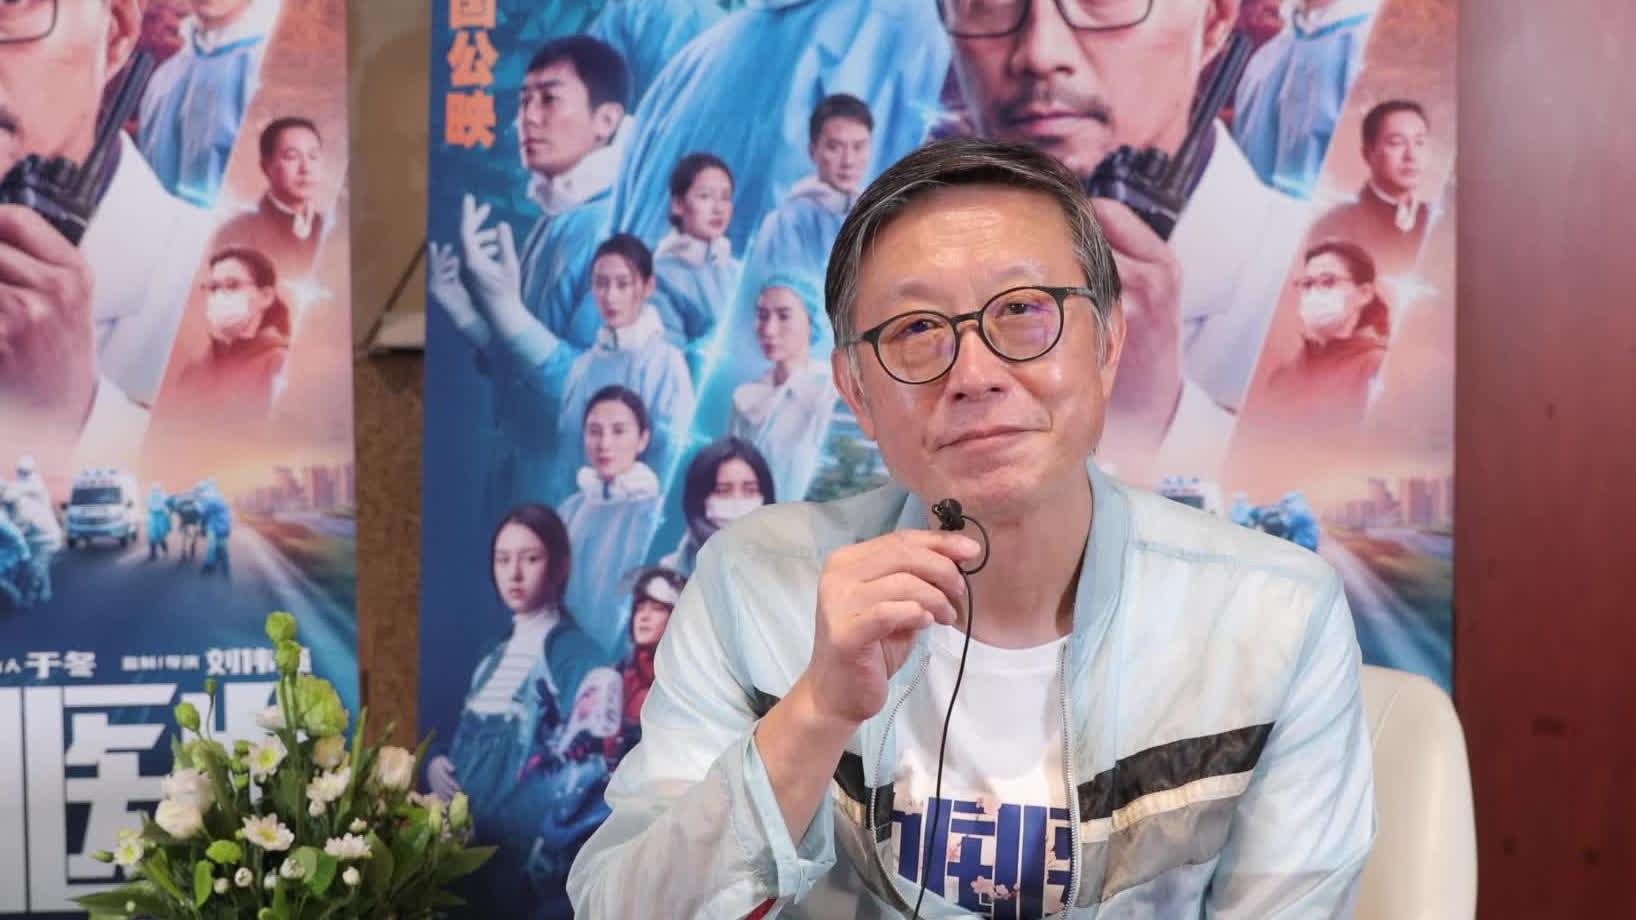 【中国医生】导演寄语观众走进IMAX致敬抗疫英雄